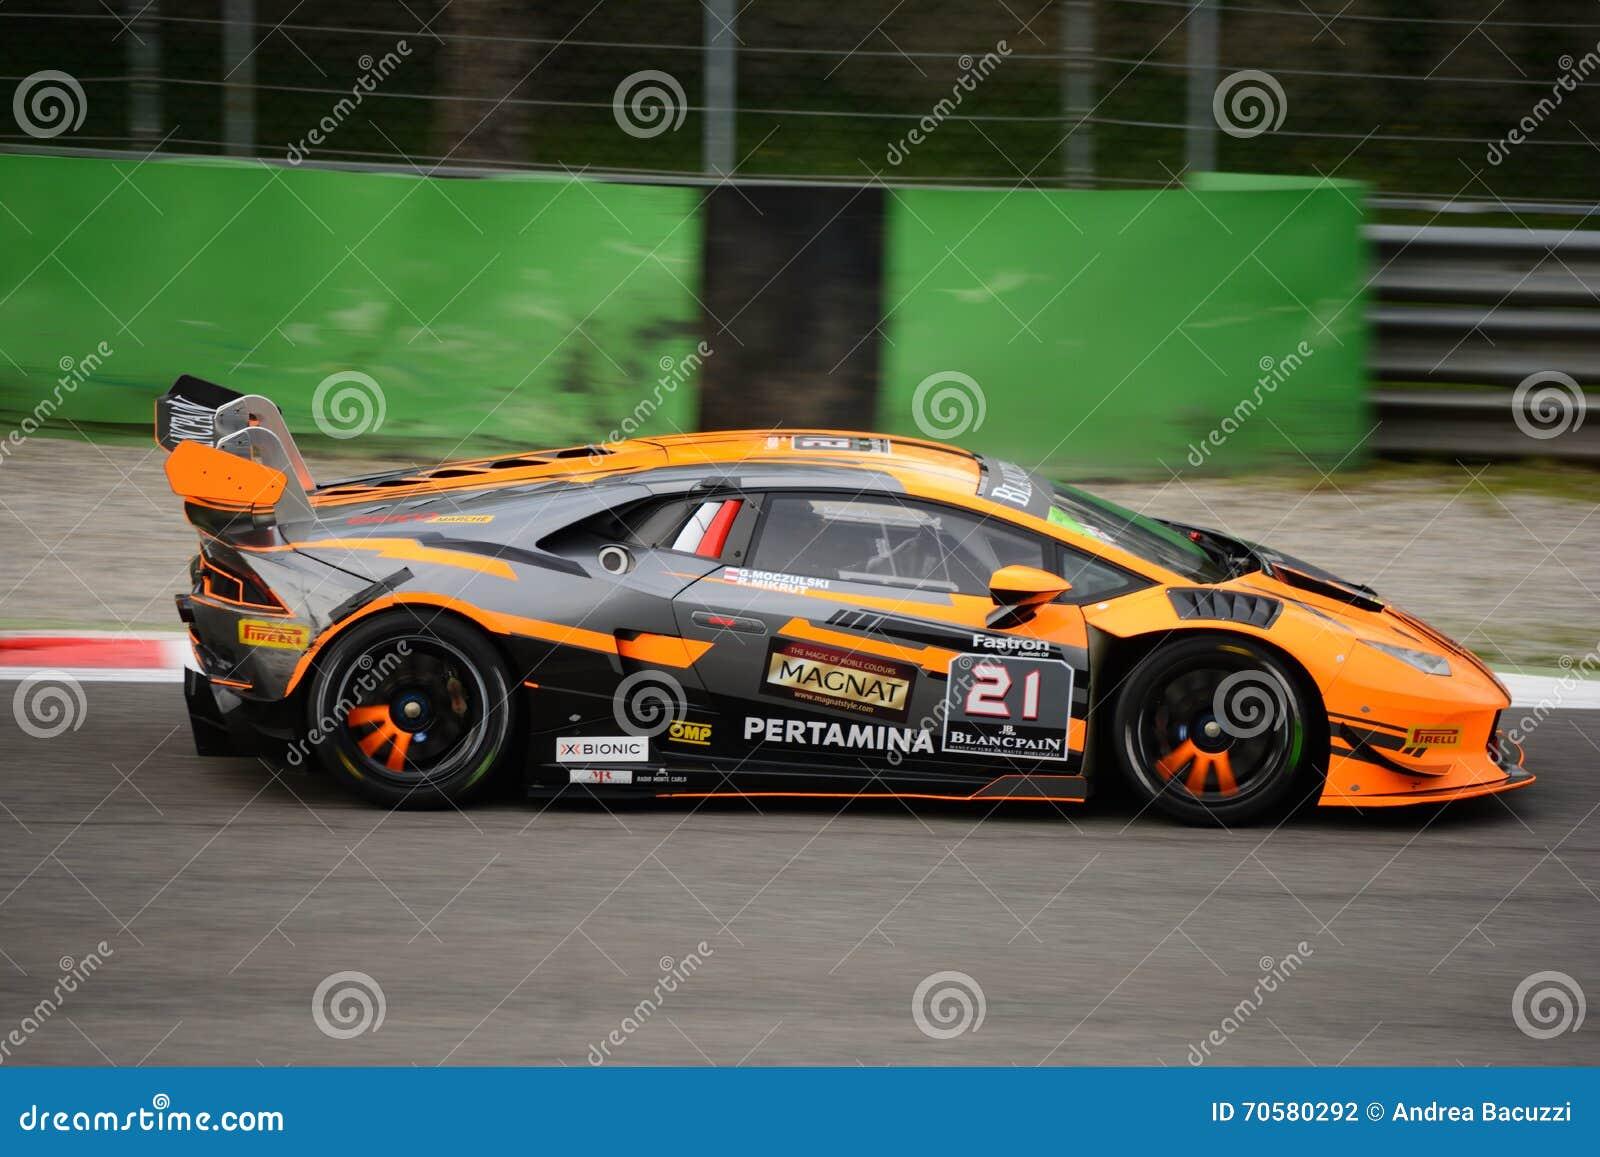 Lamborghini Huracán Super Trofeo Race At Monza Editorial